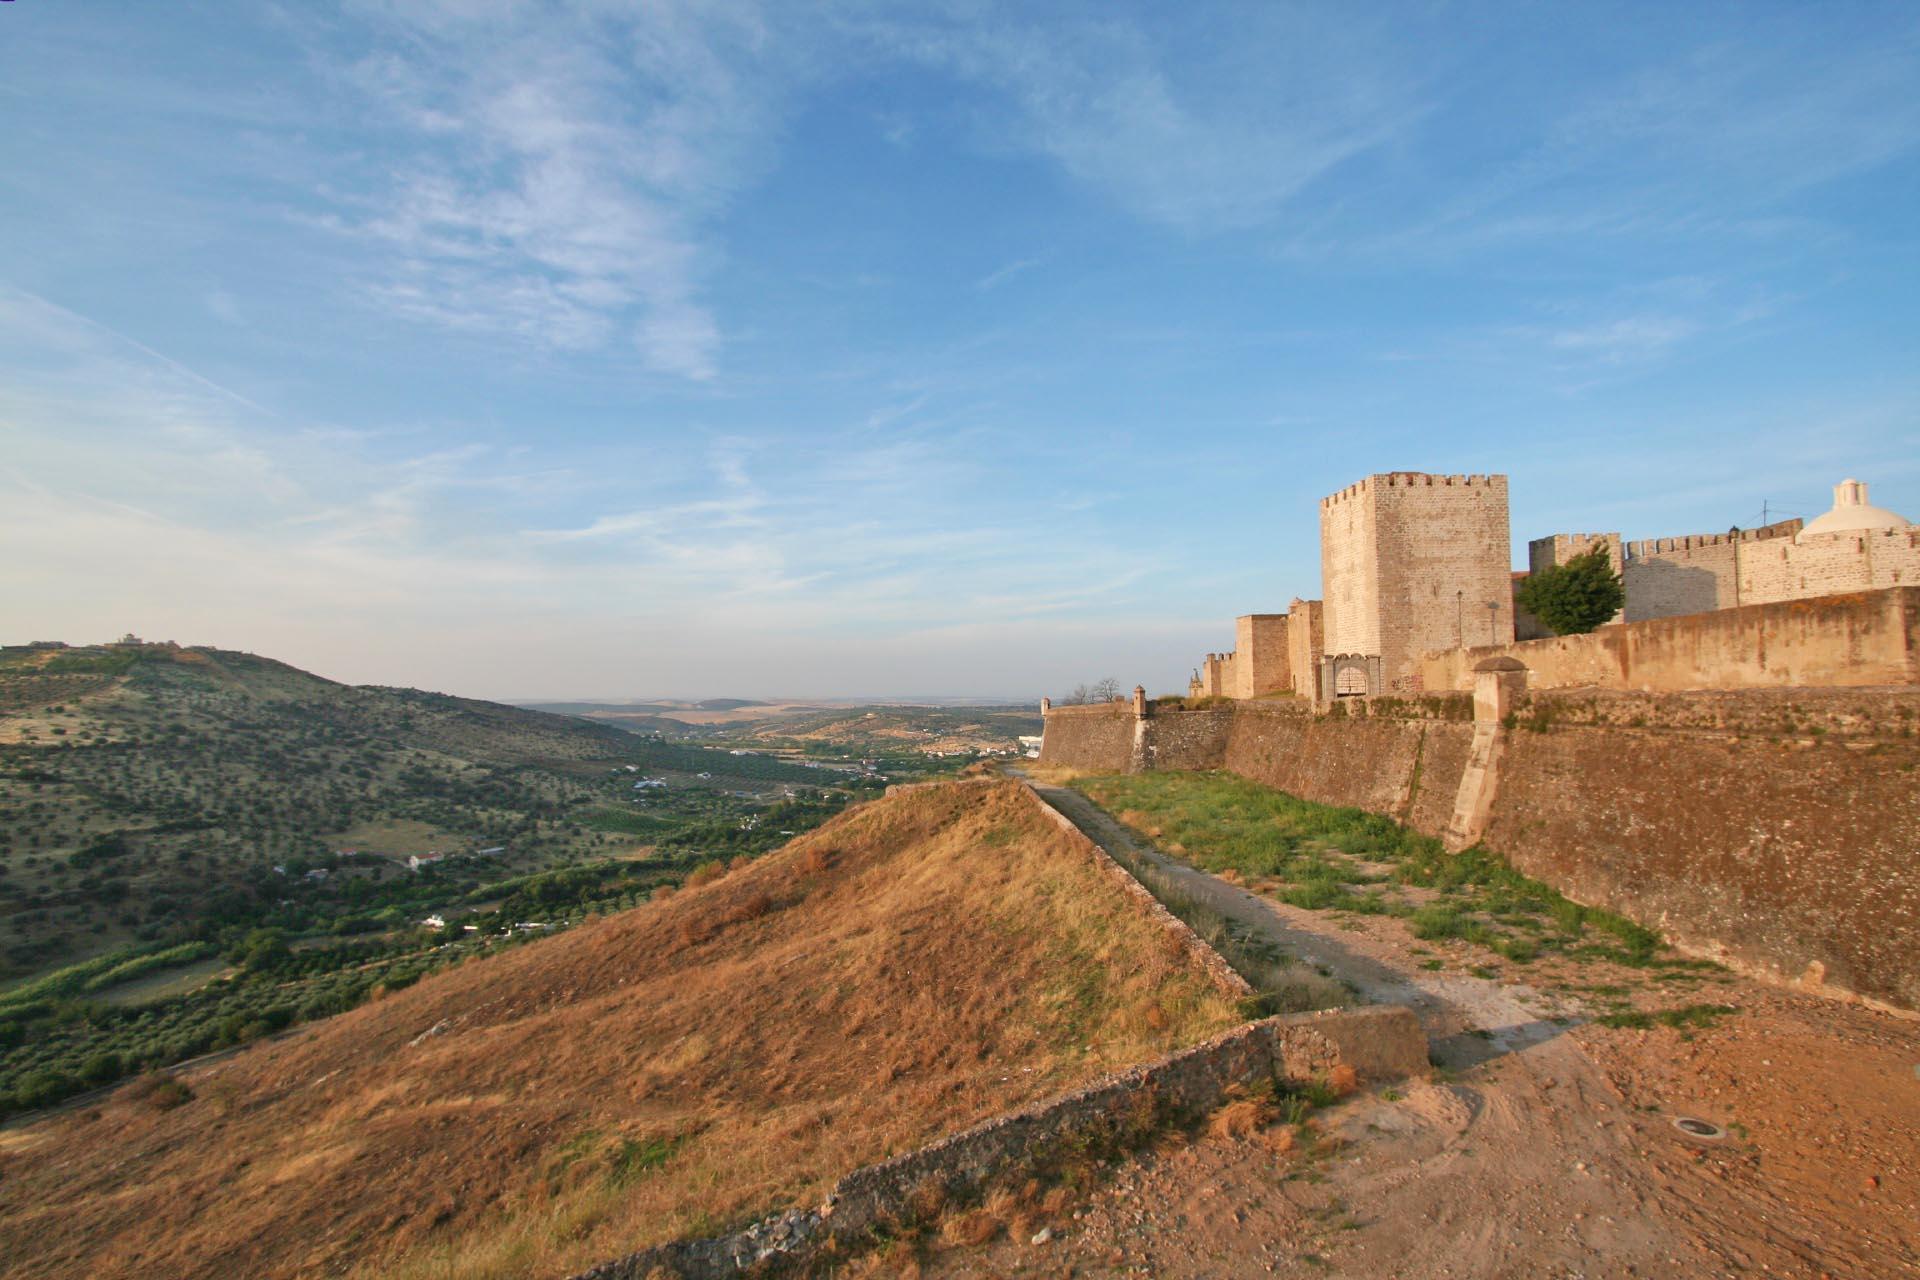 エルヴァスの風景 ポルトガルの風景